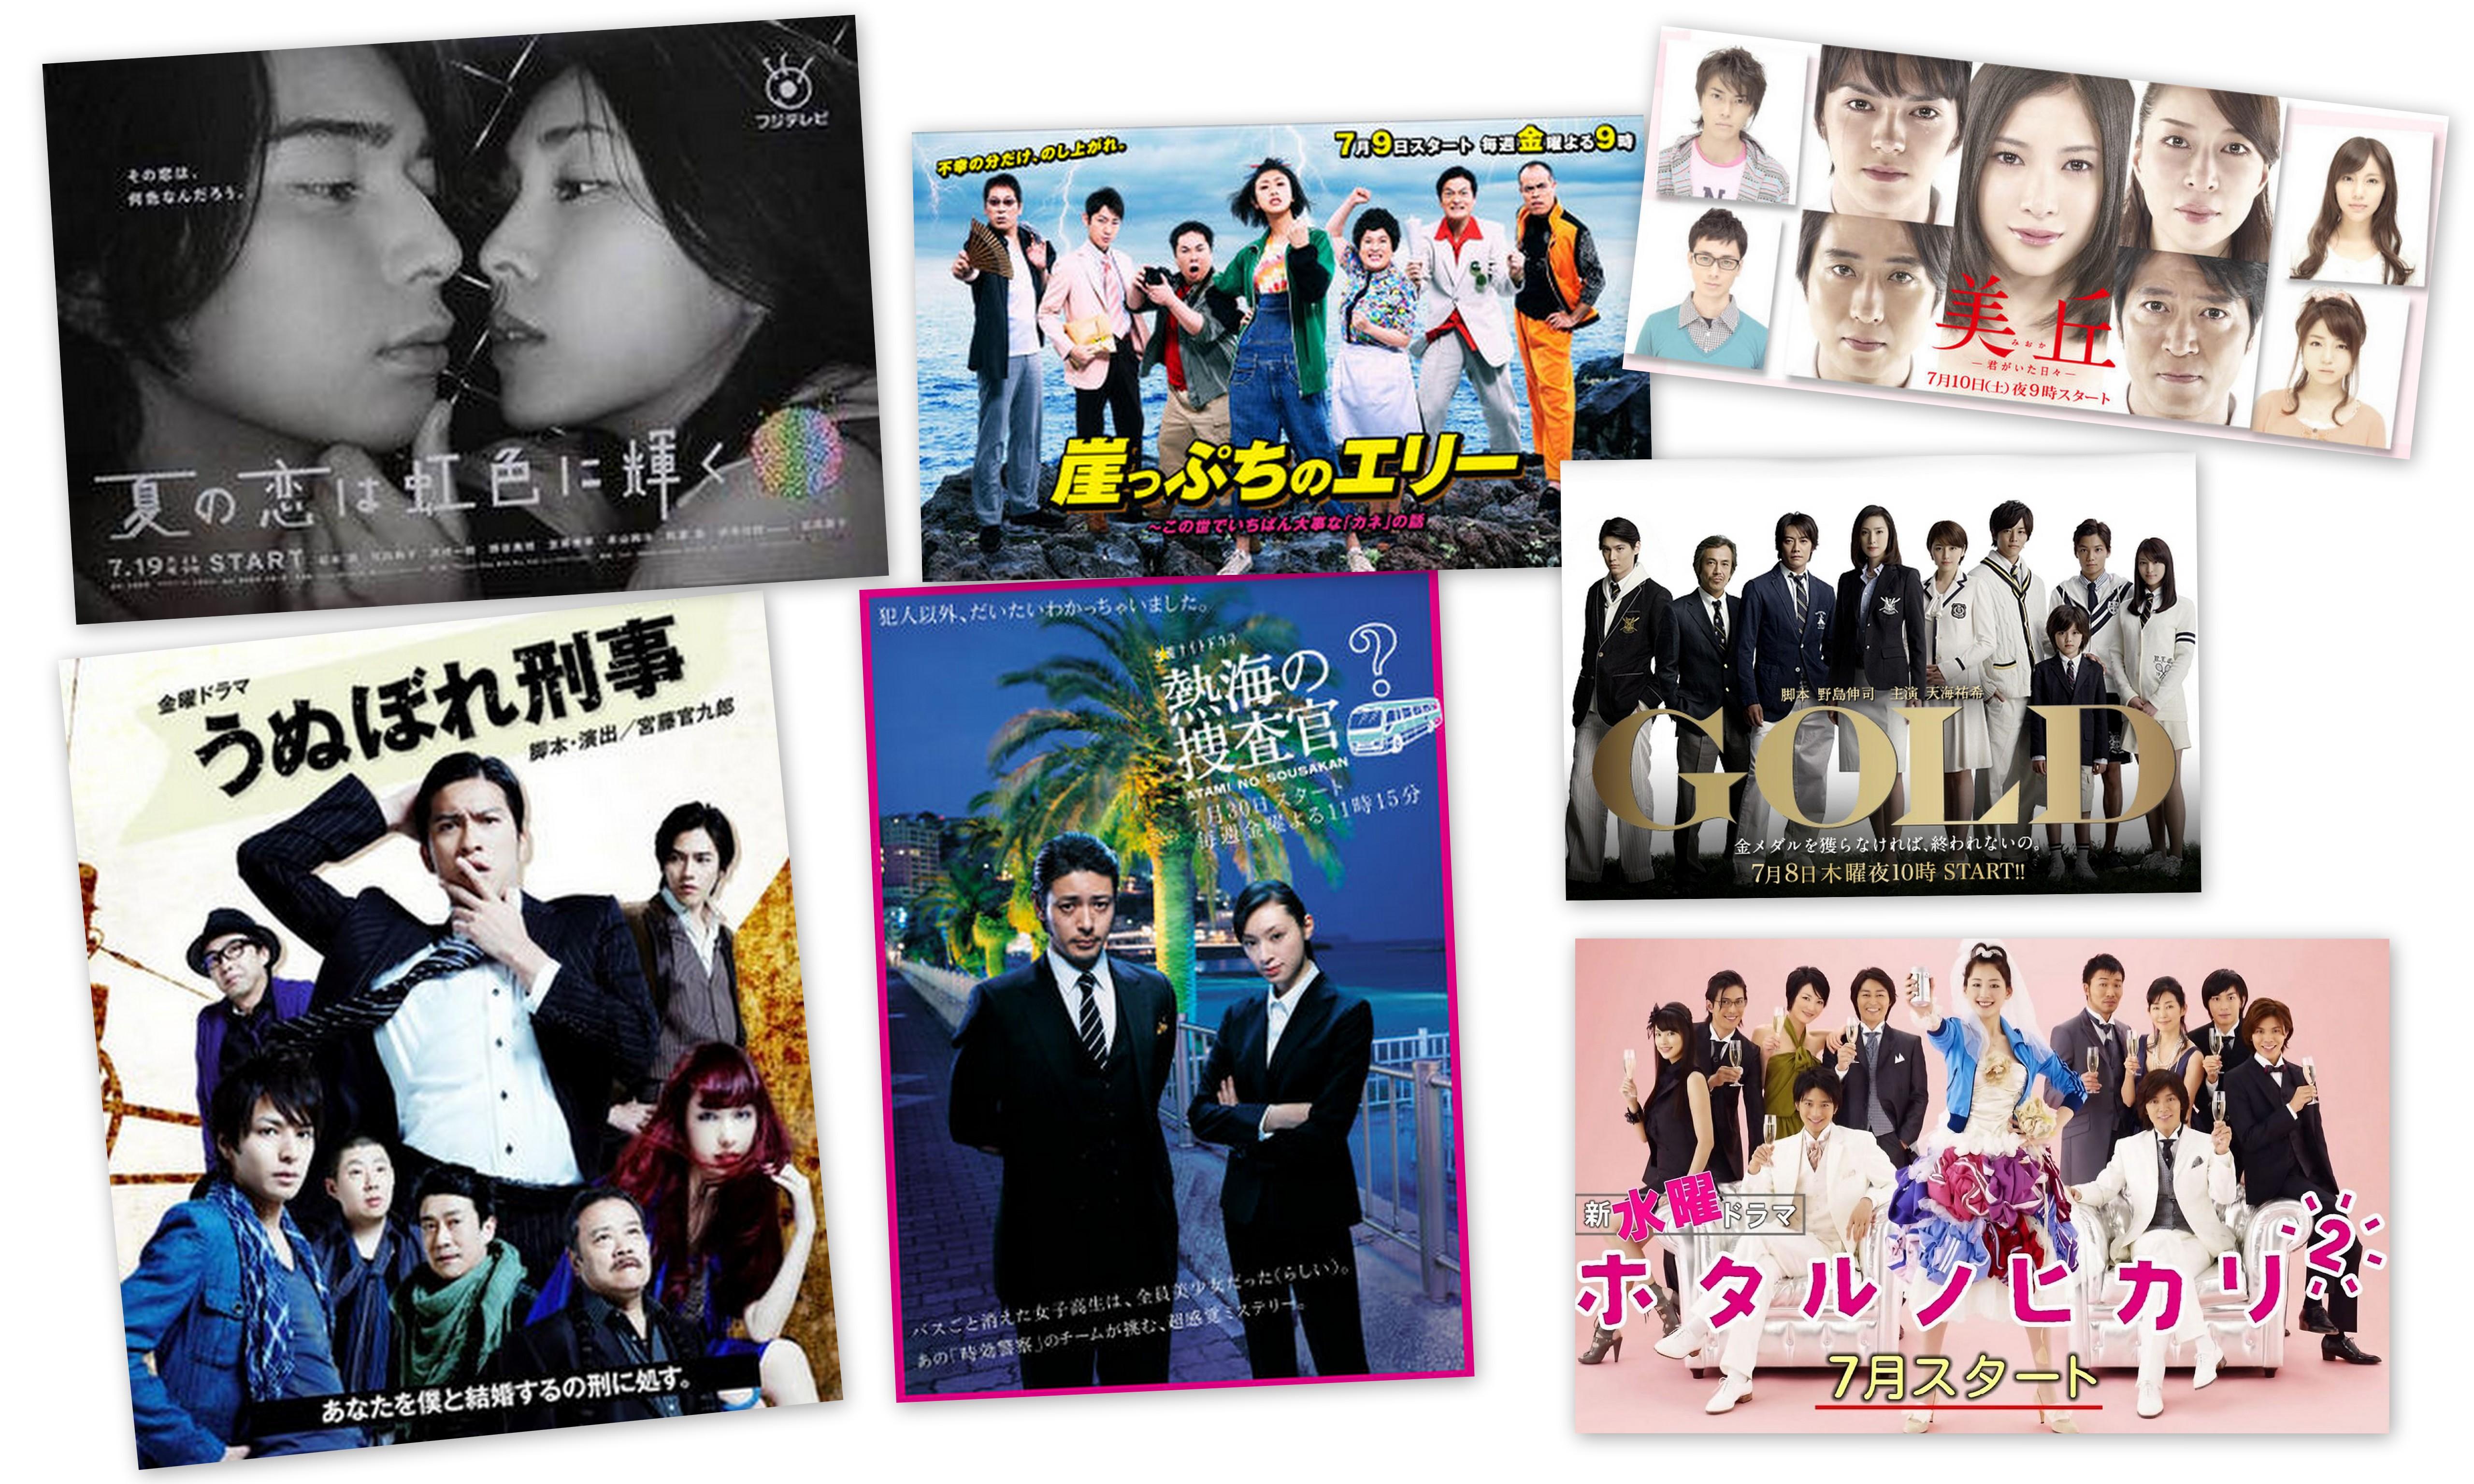 drama japonais été 2010